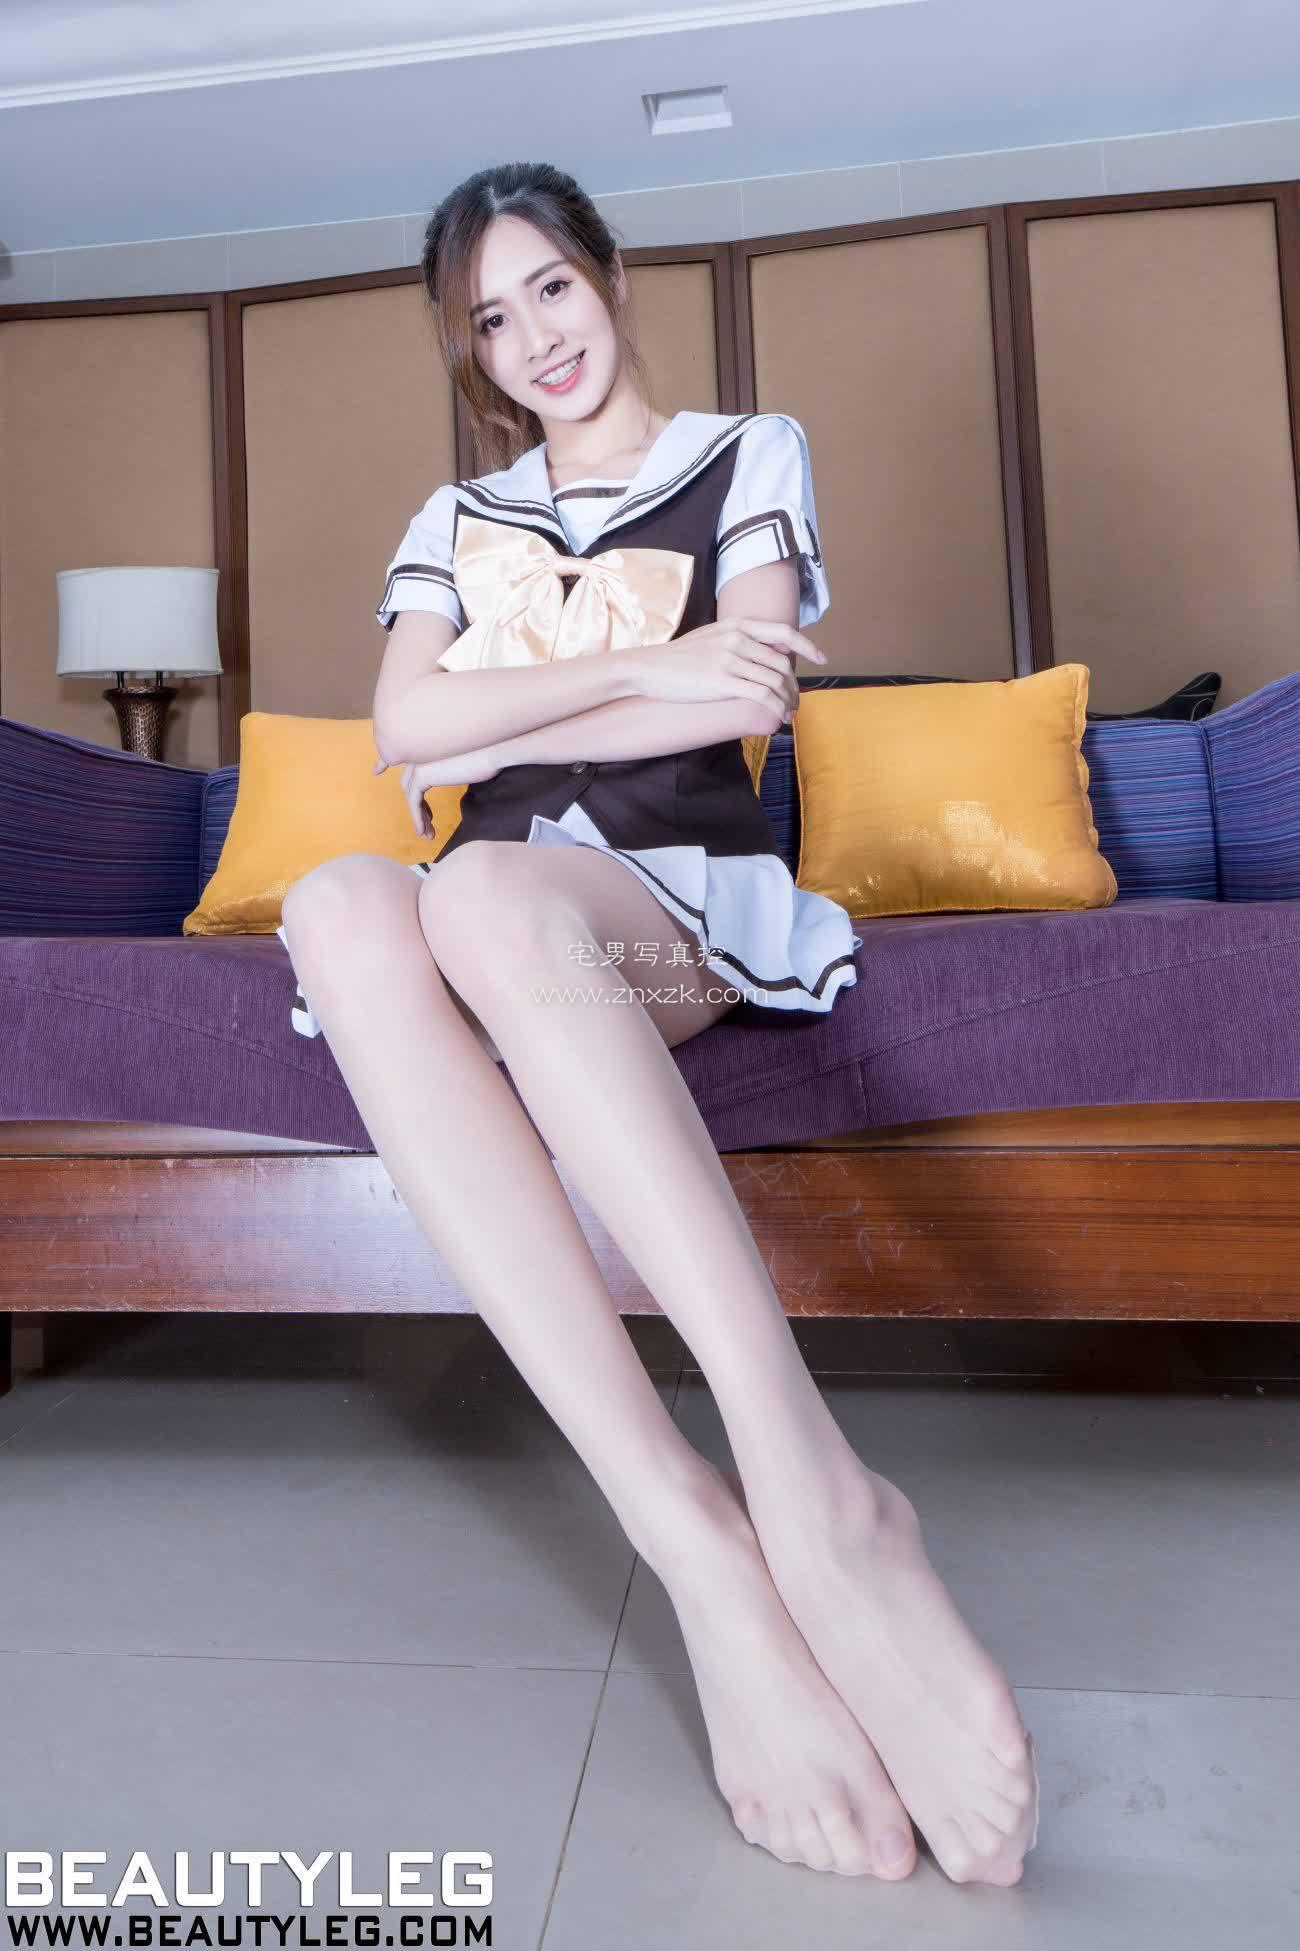 图片来源:www.znxzk.com